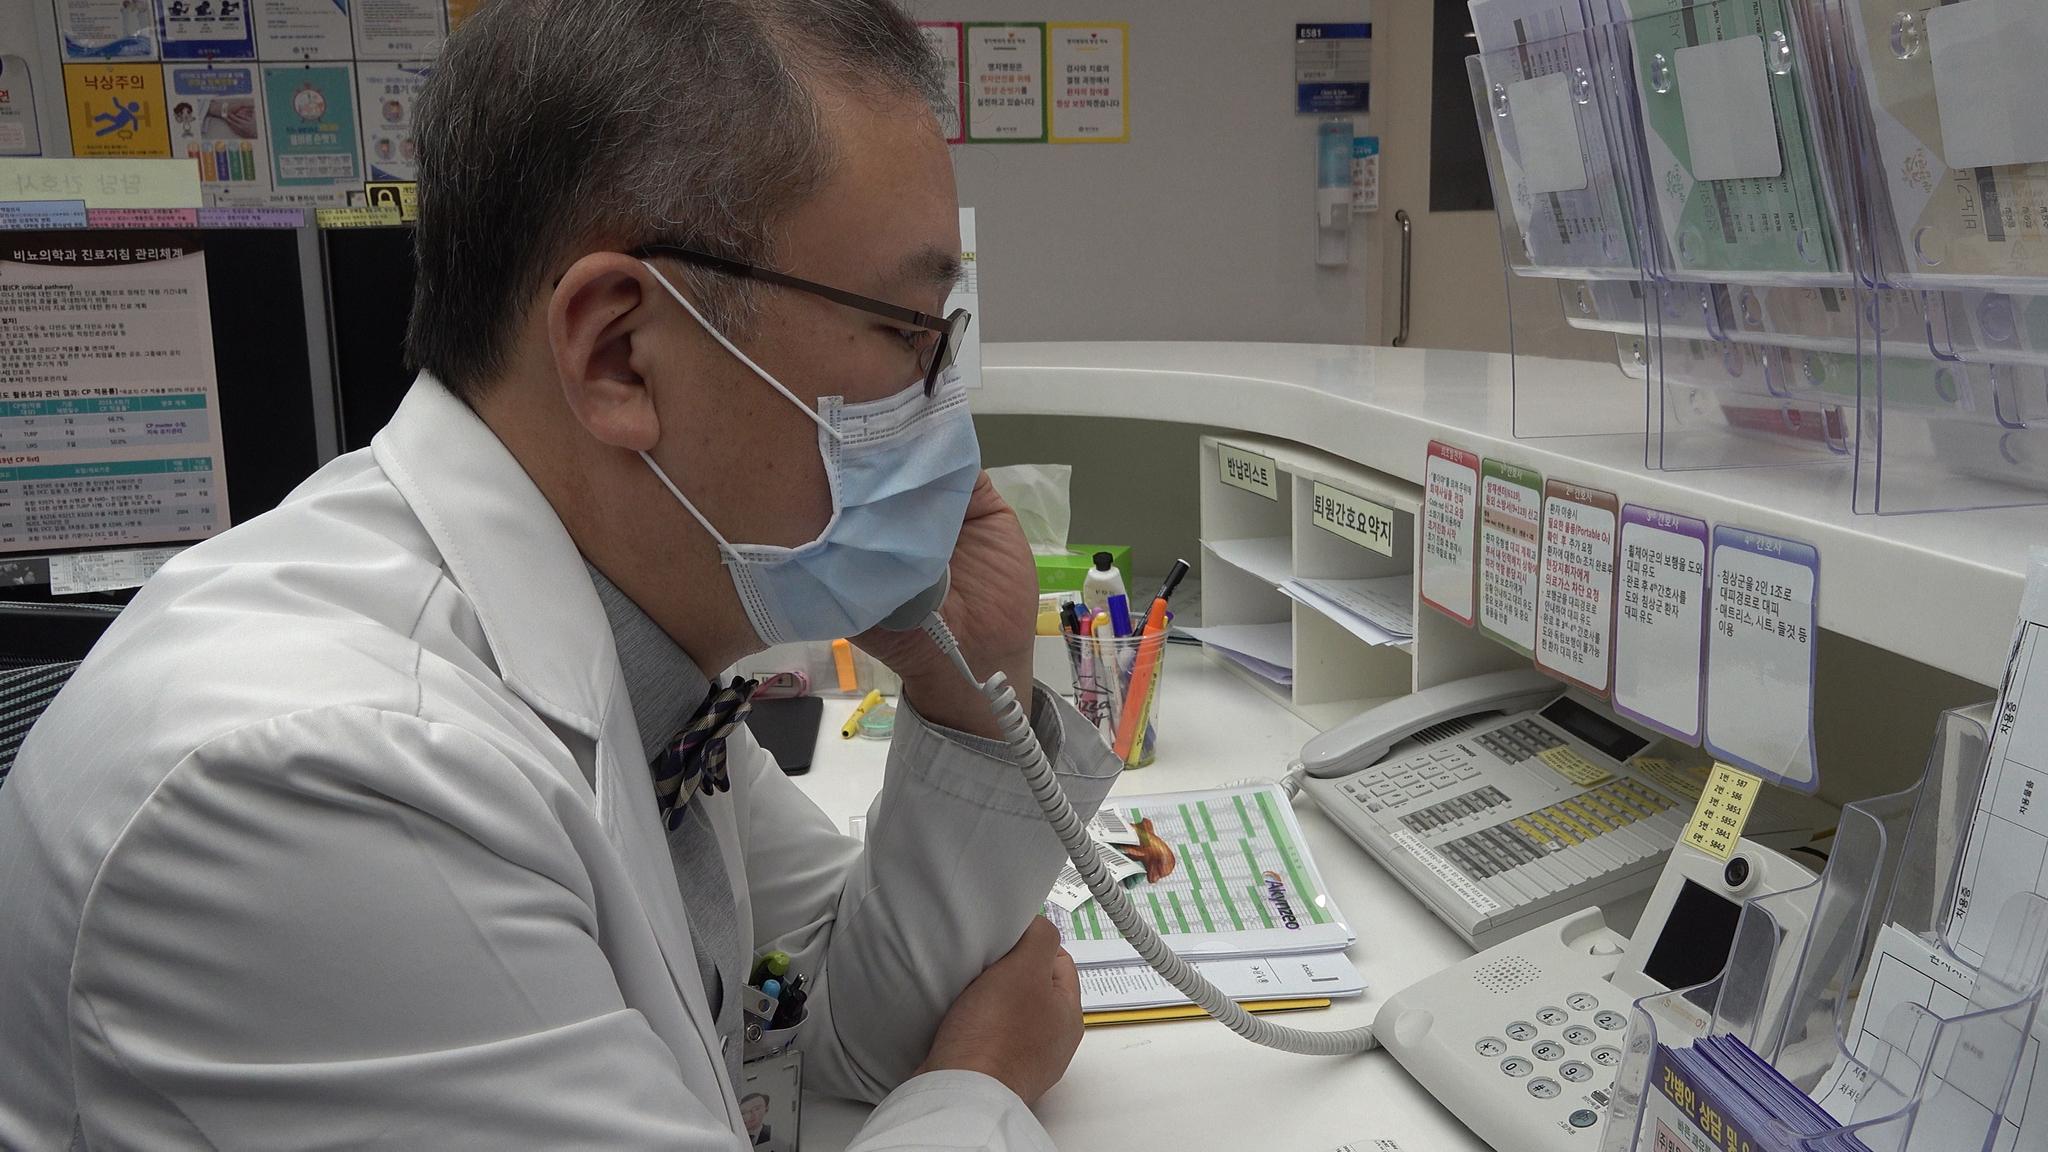 28일 고양시 명지병원 격리음압병동에서 박상준 호흡기내과 교수가 신종 코로나바이러스 감염증 확진판정을 받은 환자와 전화 통화로 진료하고 있다. 공성룡 기자